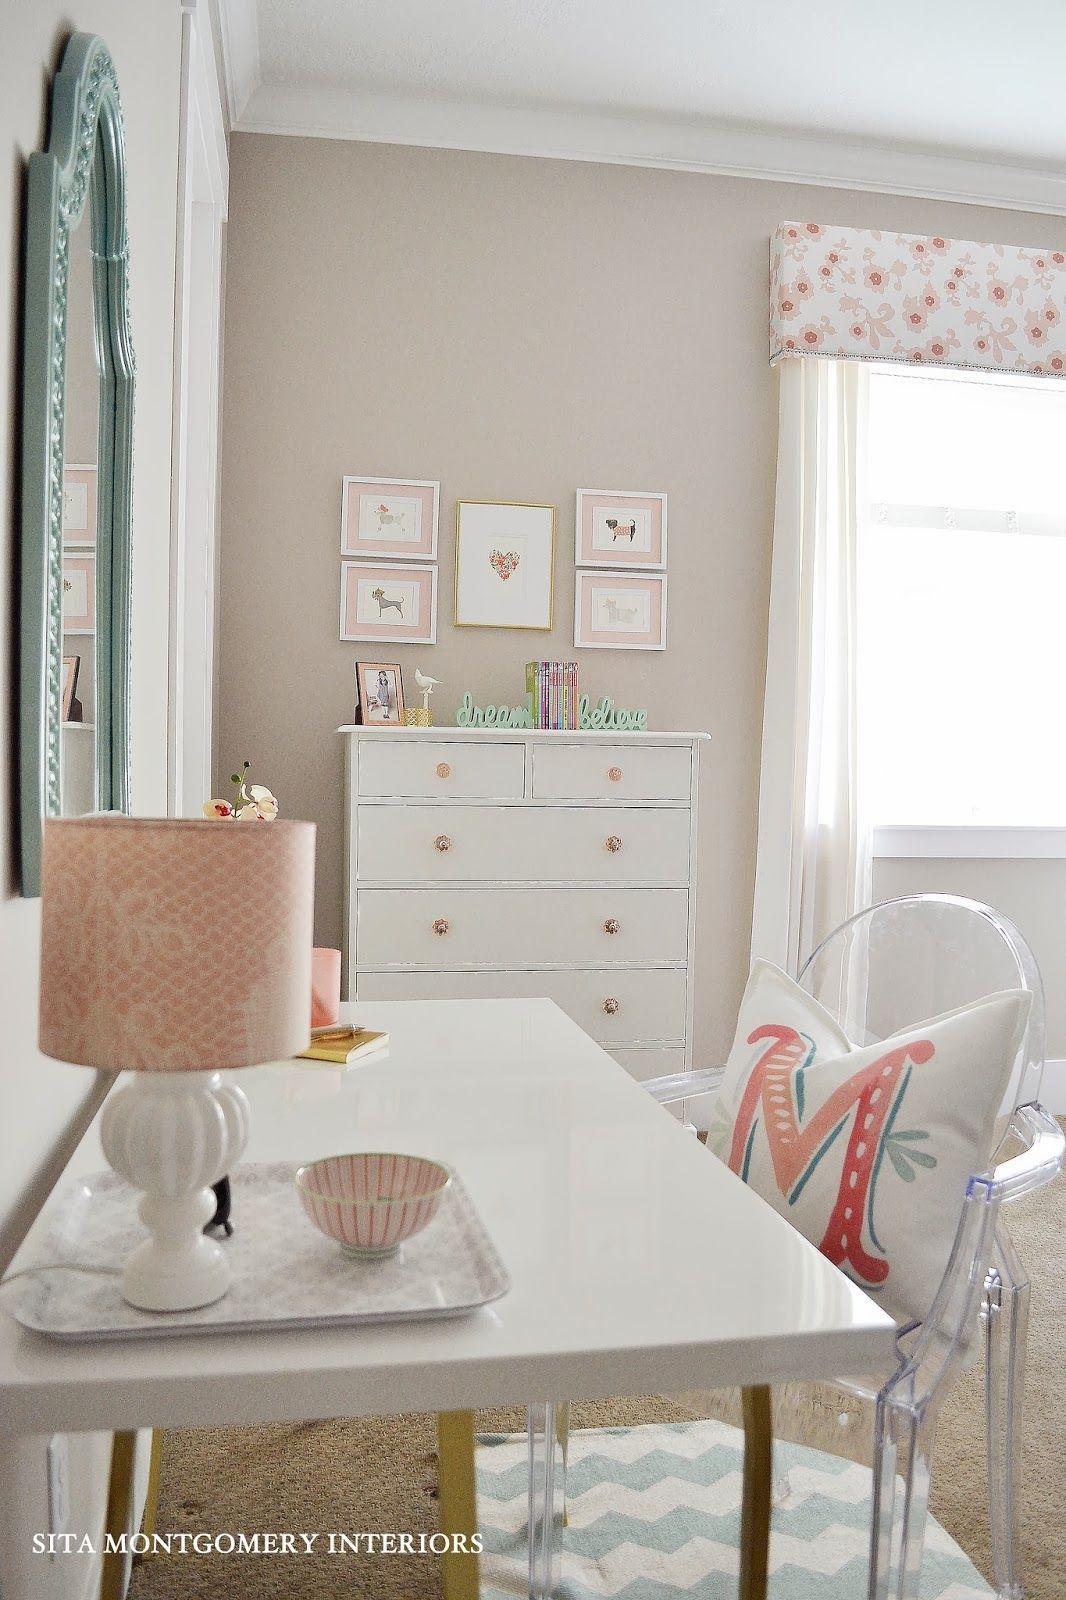 From Junk Room To Beautiful Bedroom The Big Reveal: Sita Montgomery Interiors: My Home: Tween Bedroom Reveal